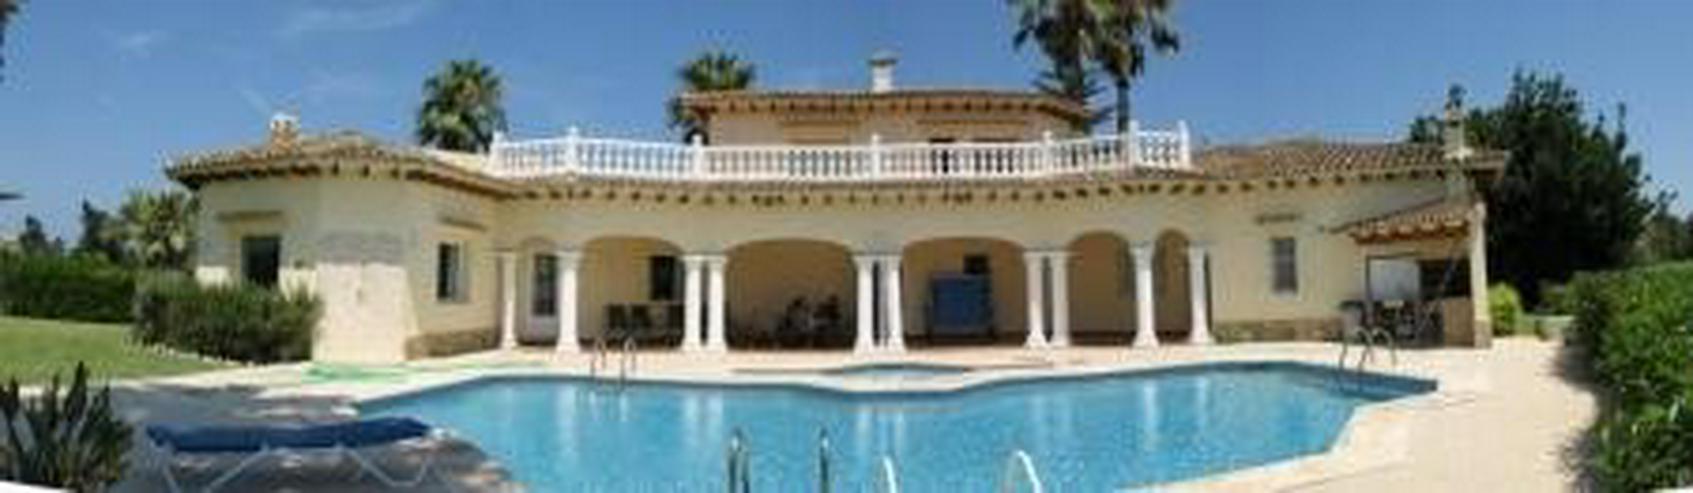 Exklusive Villa am Golfplatz - Haus kaufen - Bild 1